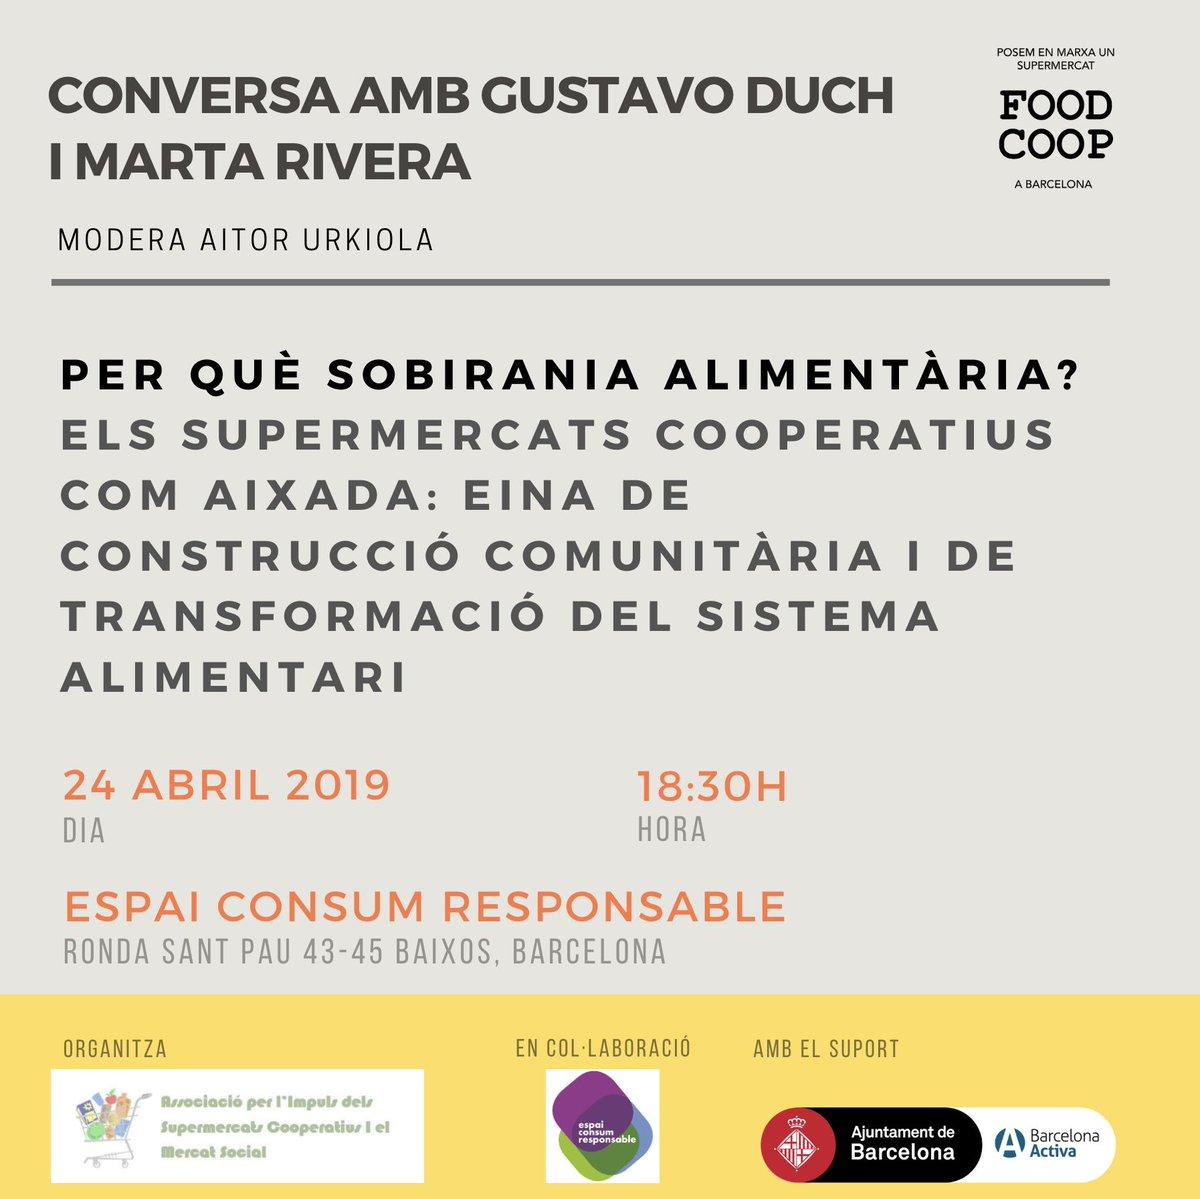 """24/04 organitzem la sessió """"Per què sobirania alimentària?"""" amb @gustavoduch i Marta Rivera. Si esteu interessades, apunteu-vos a l'esdeveniment de Facebook https://www.facebook.com/events/858137261214058/… Per escalfar motors, us animem a llegir https://kaosenlared.net/agroecologia-feminista-para-la-soberania-alimentaria-de-que-estamos-hablando/… #agendaESS"""